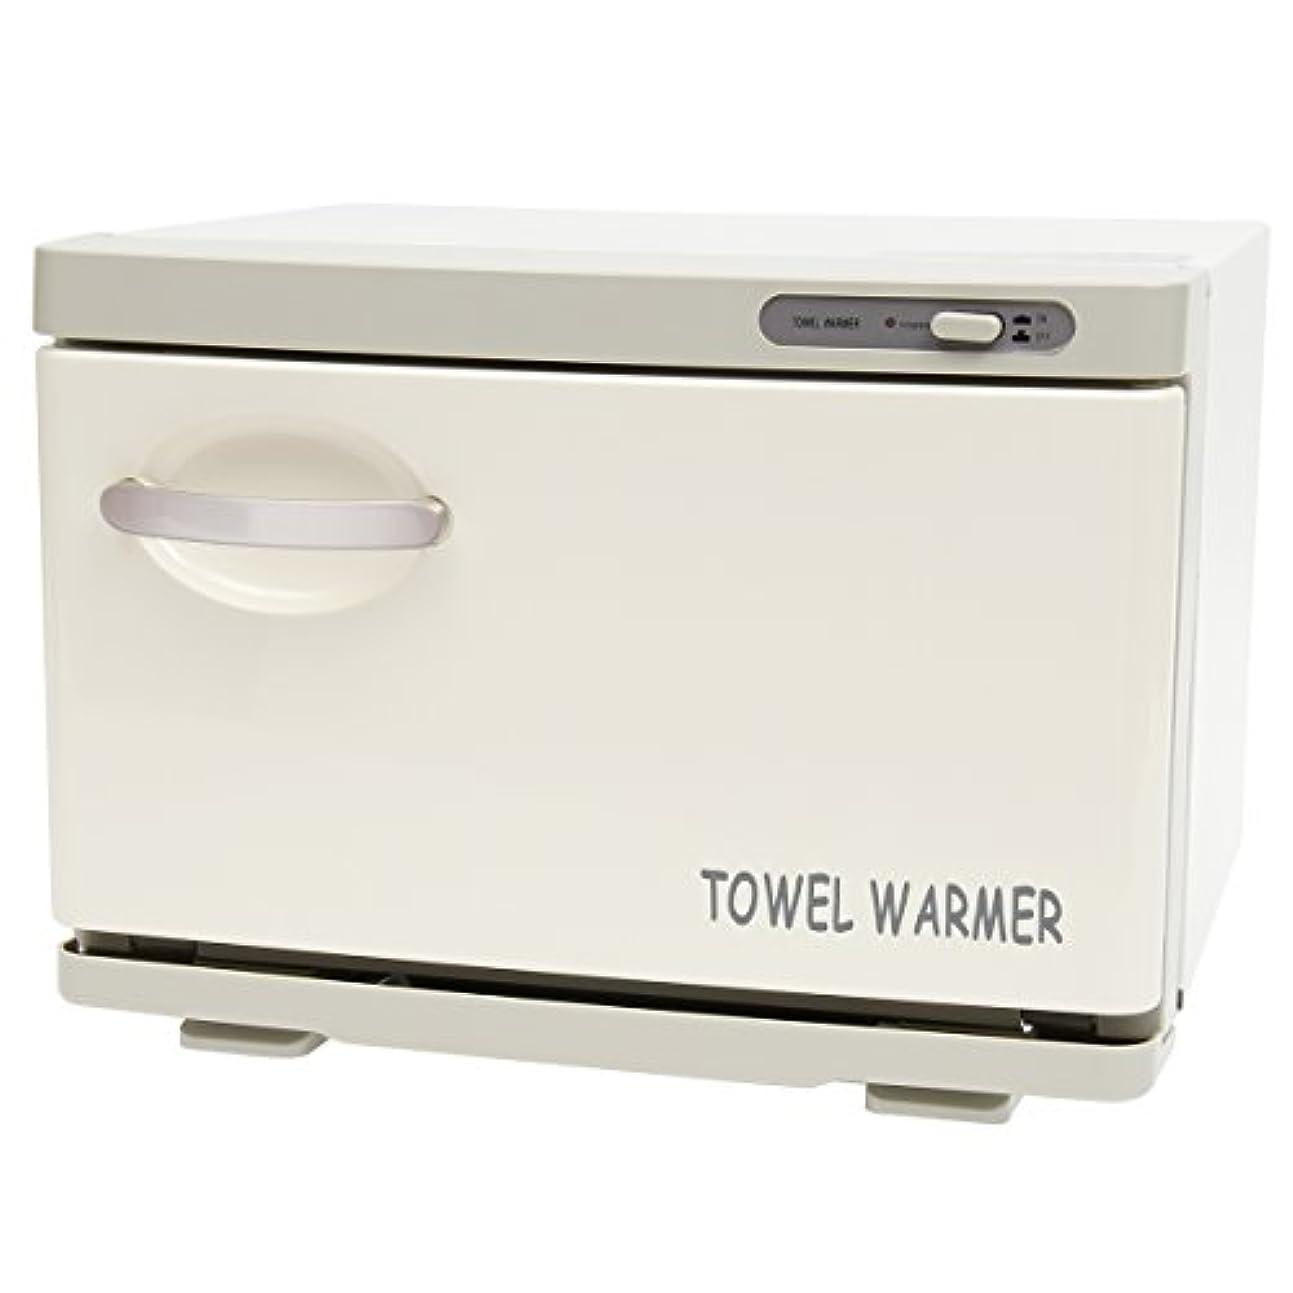 プレビスサイト添付くすぐったいタオルウォーマー SH (前開き) 7.5L [ タオル蒸し器 おしぼり蒸し器 タオルスチーマー ホットボックス タオル おしぼり ウォーマー スチーマー 小型 業務用 保温器 ]